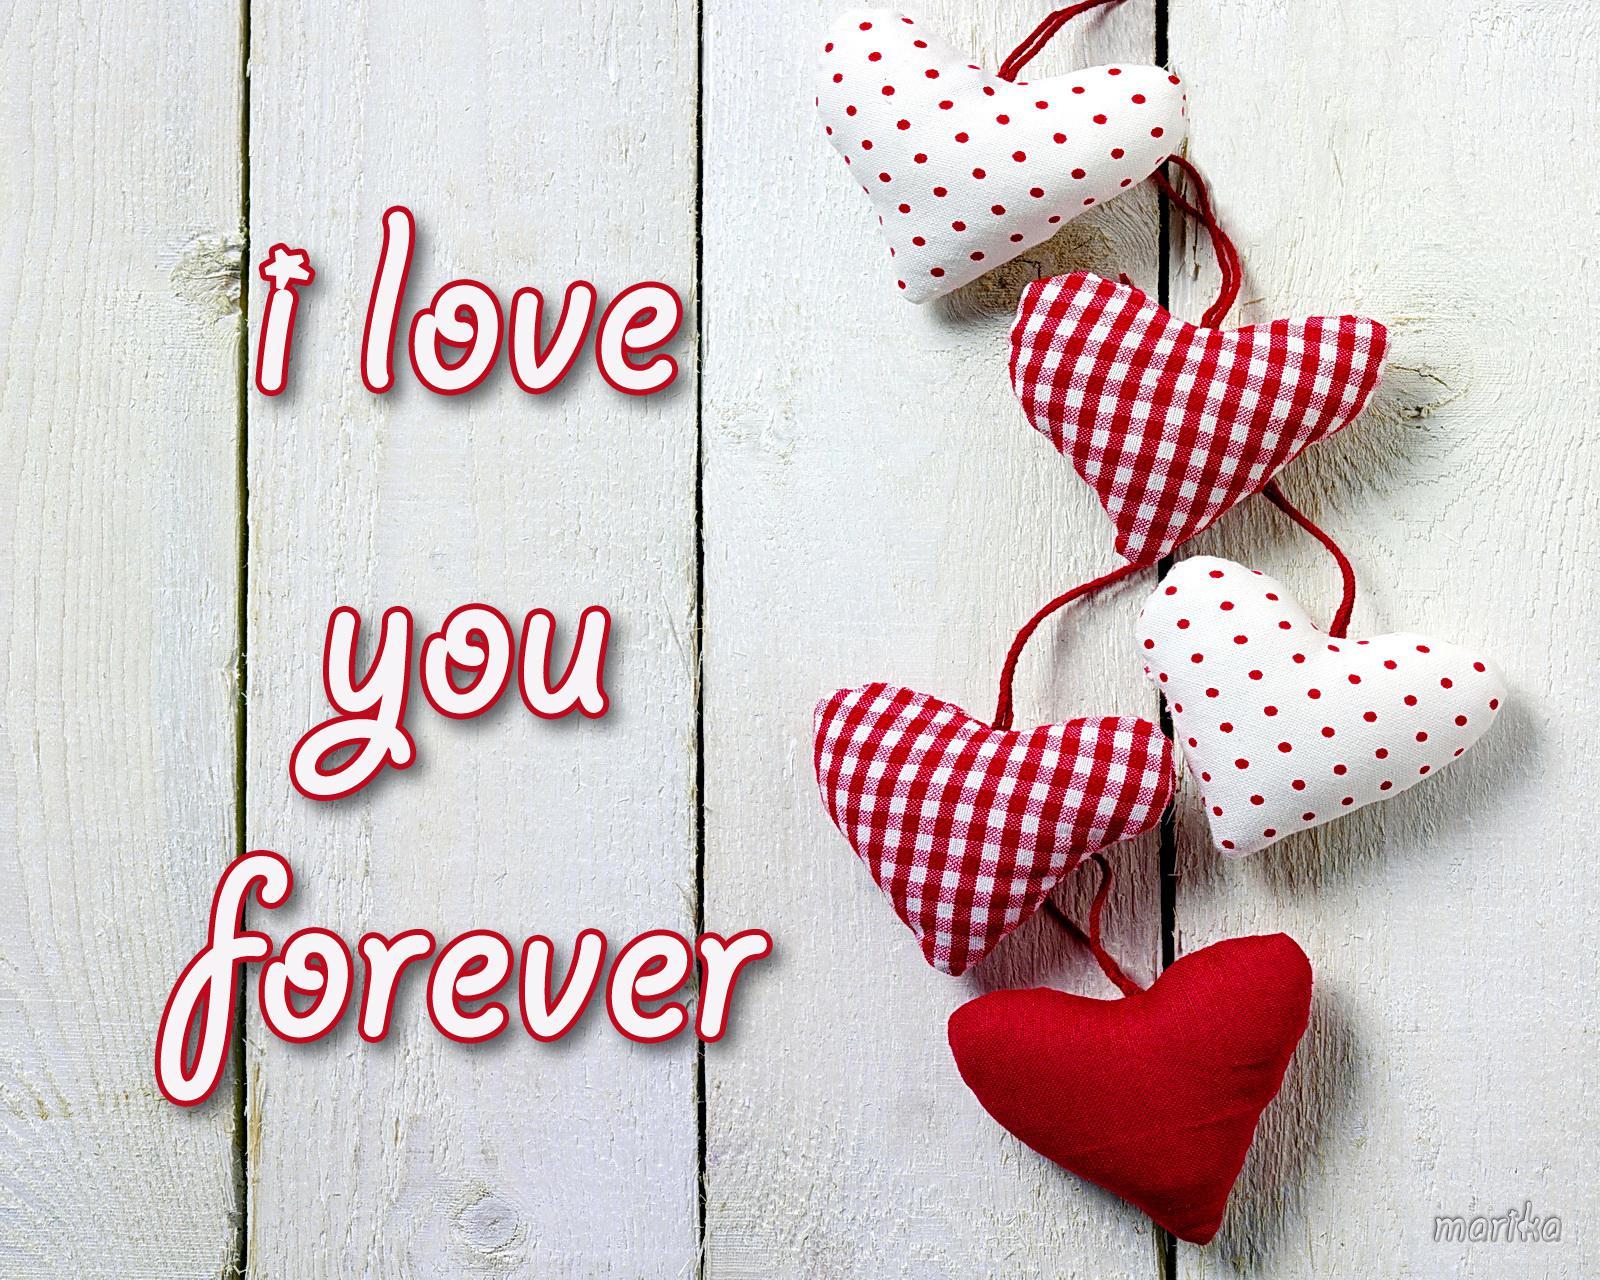 صور رسائل بحبك , مسج الي كل اشخاص نحبهم بكلمة بحبك ilove you